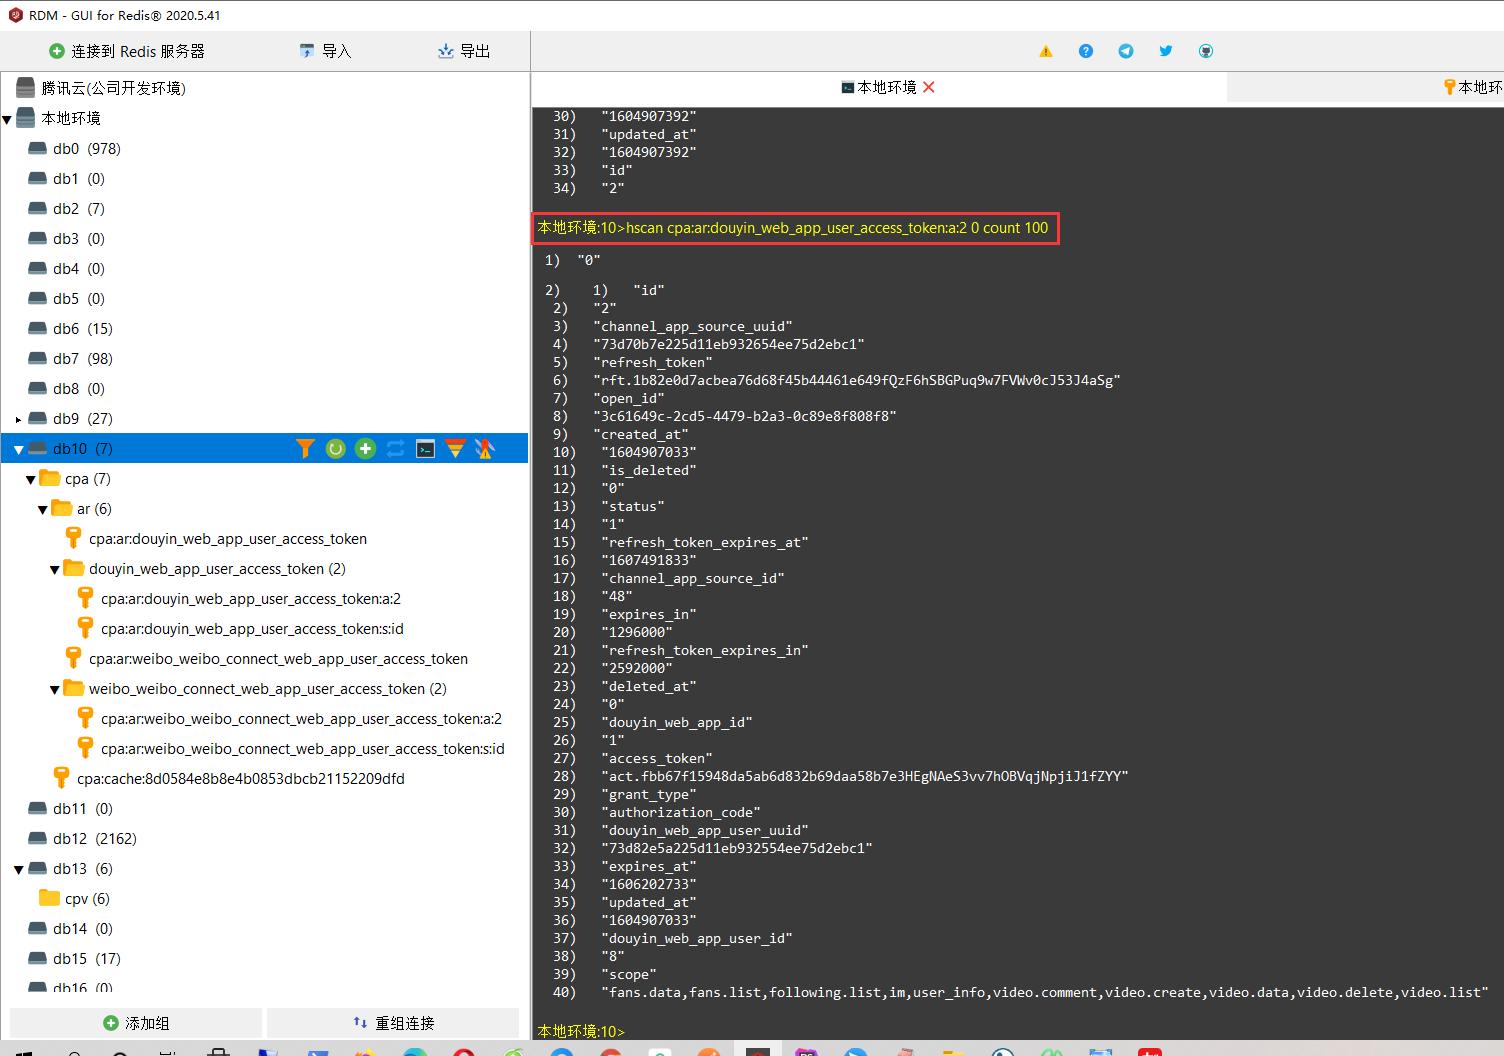 打开控制台,执行与上面同样的命令。其响应与 GUI 一致。